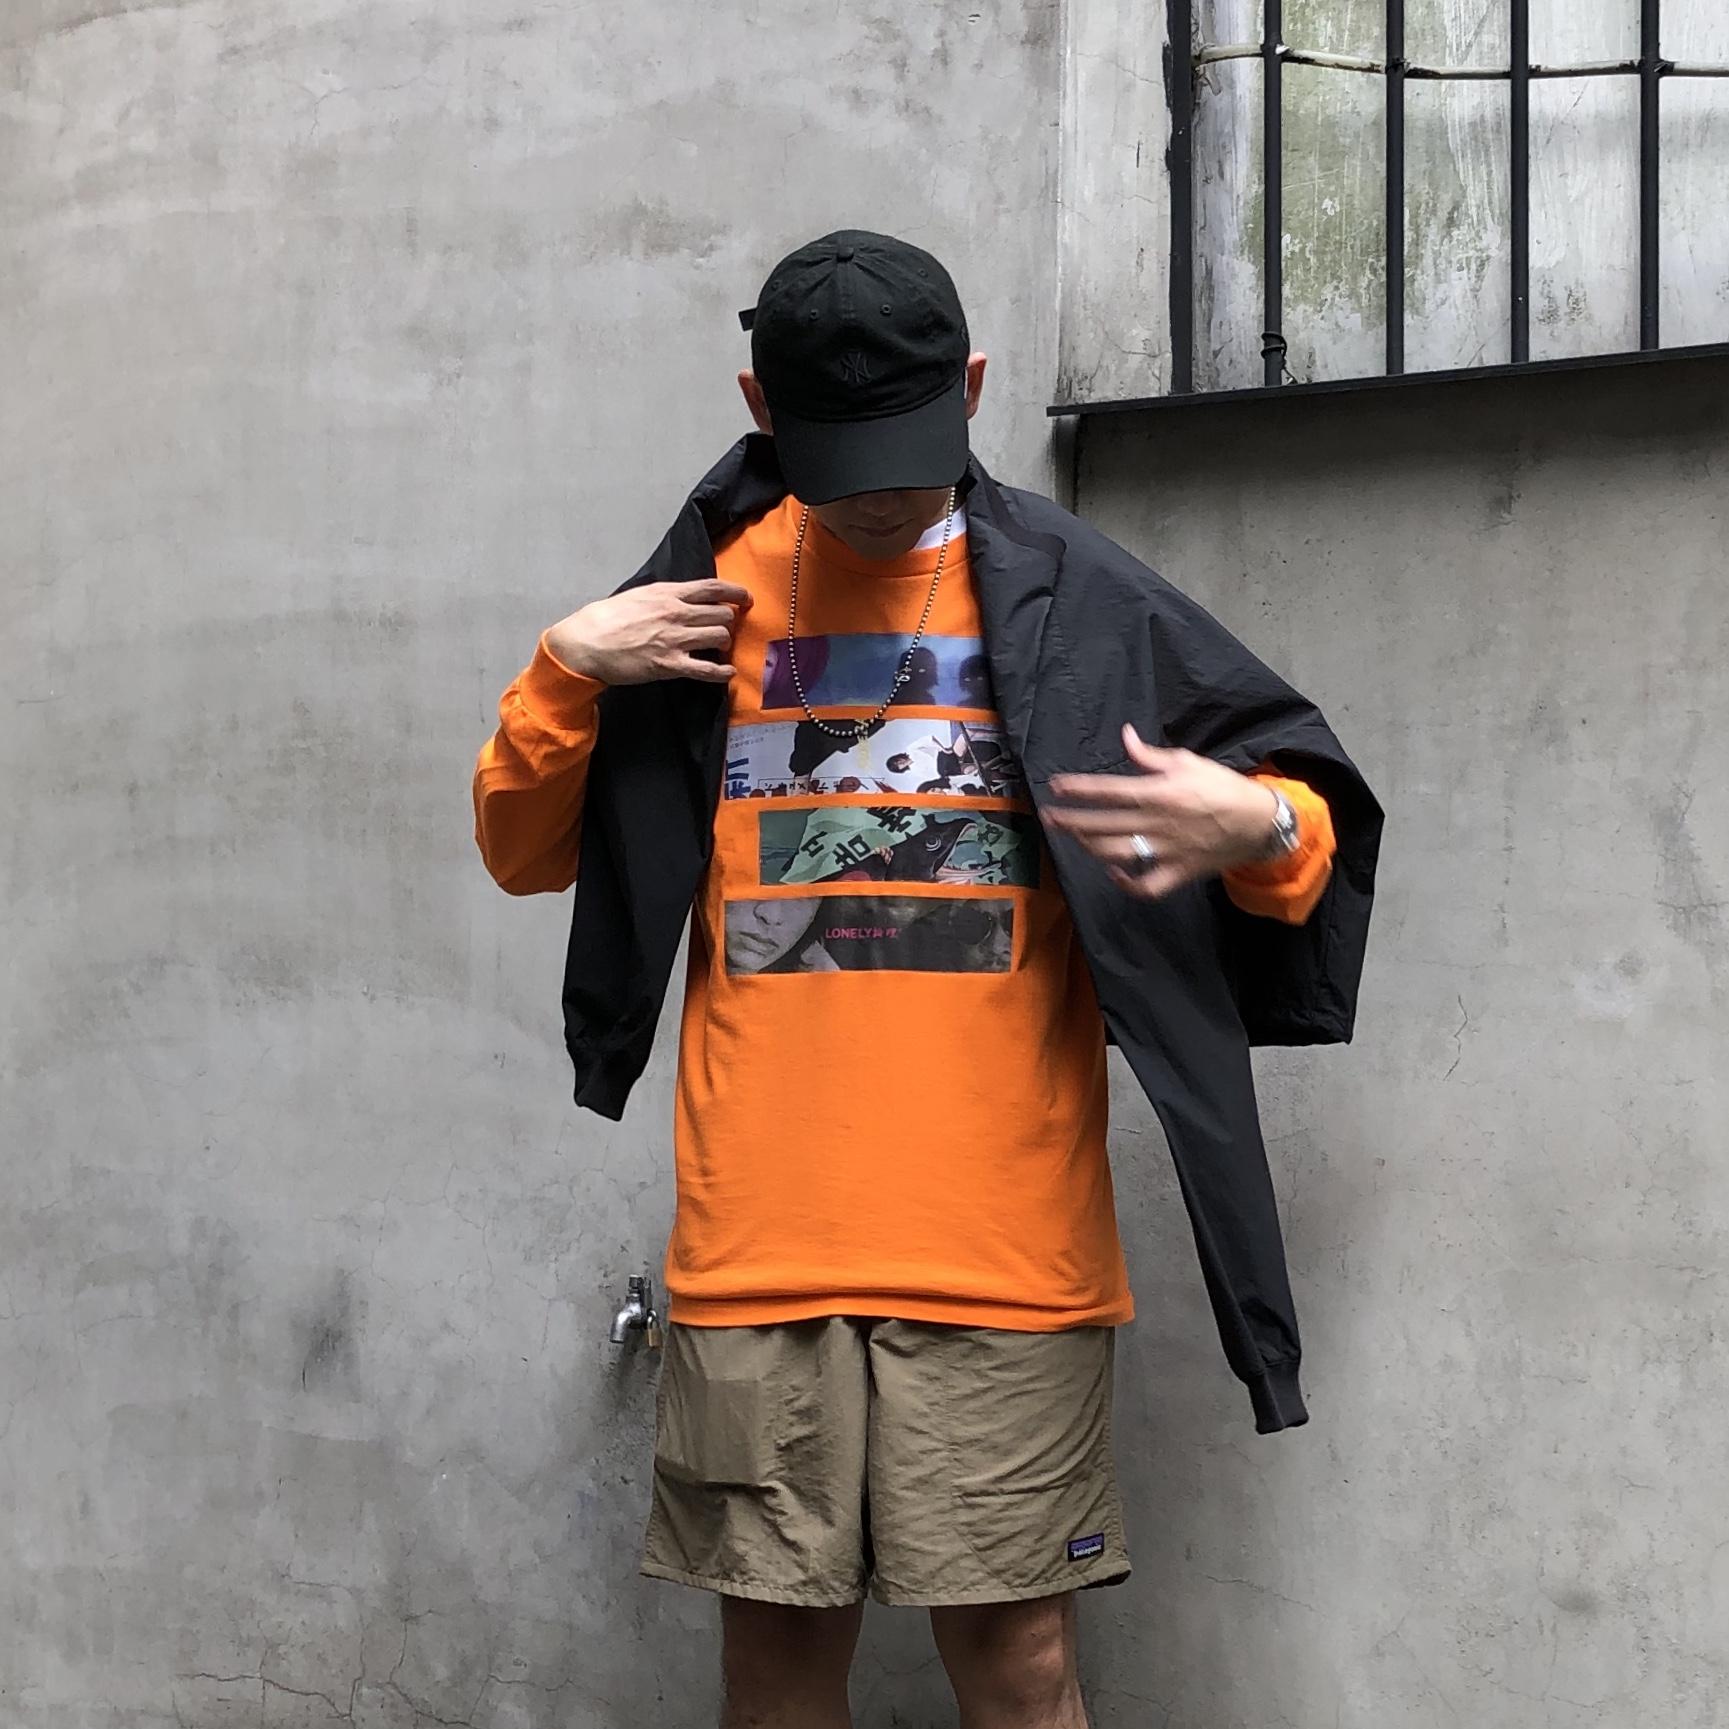 長袖,長袖t恤,長袖上衣穿搭,薄長袖上衣,門市穿搭,穿搭,plain-me,一週搭配,搭配名人,街頭搭配,男穿搭,男生穿搭,alen 一週穿搭